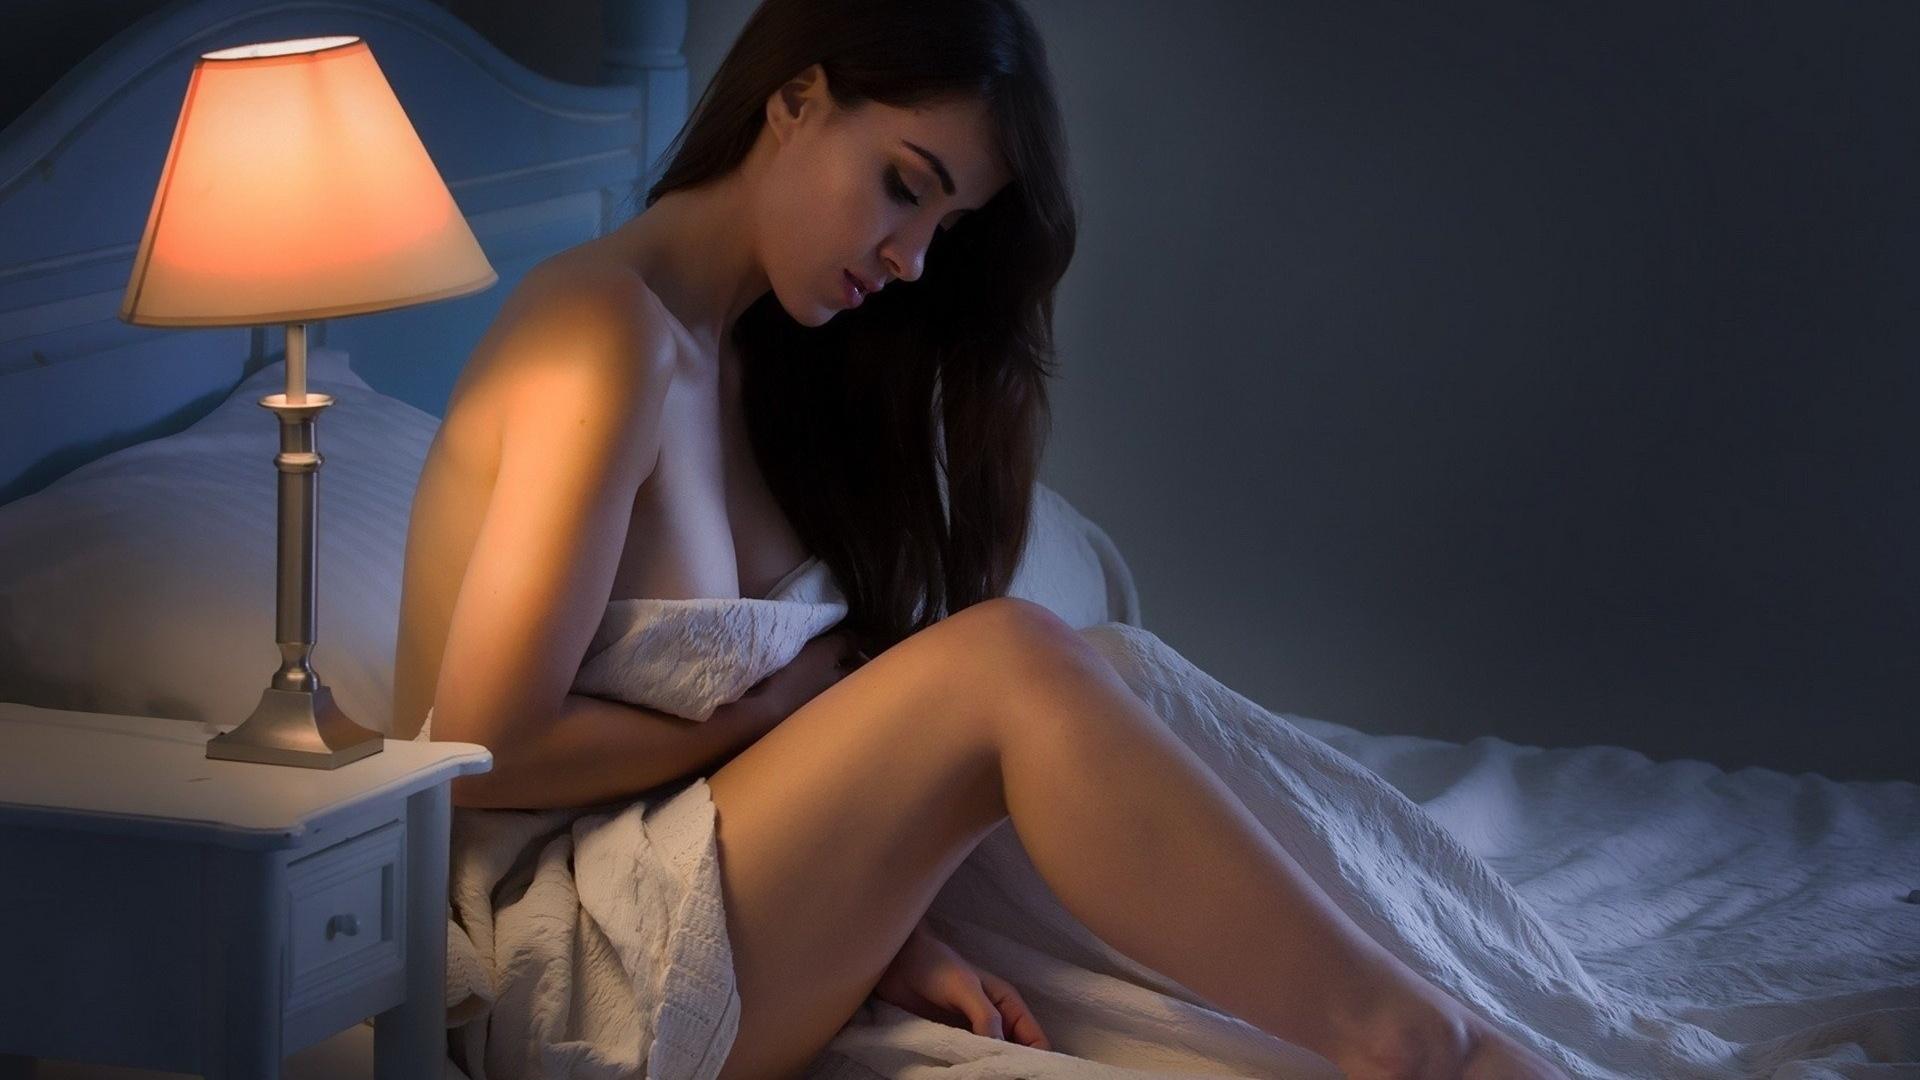 молодая девушка мастурбирует в темной спальне